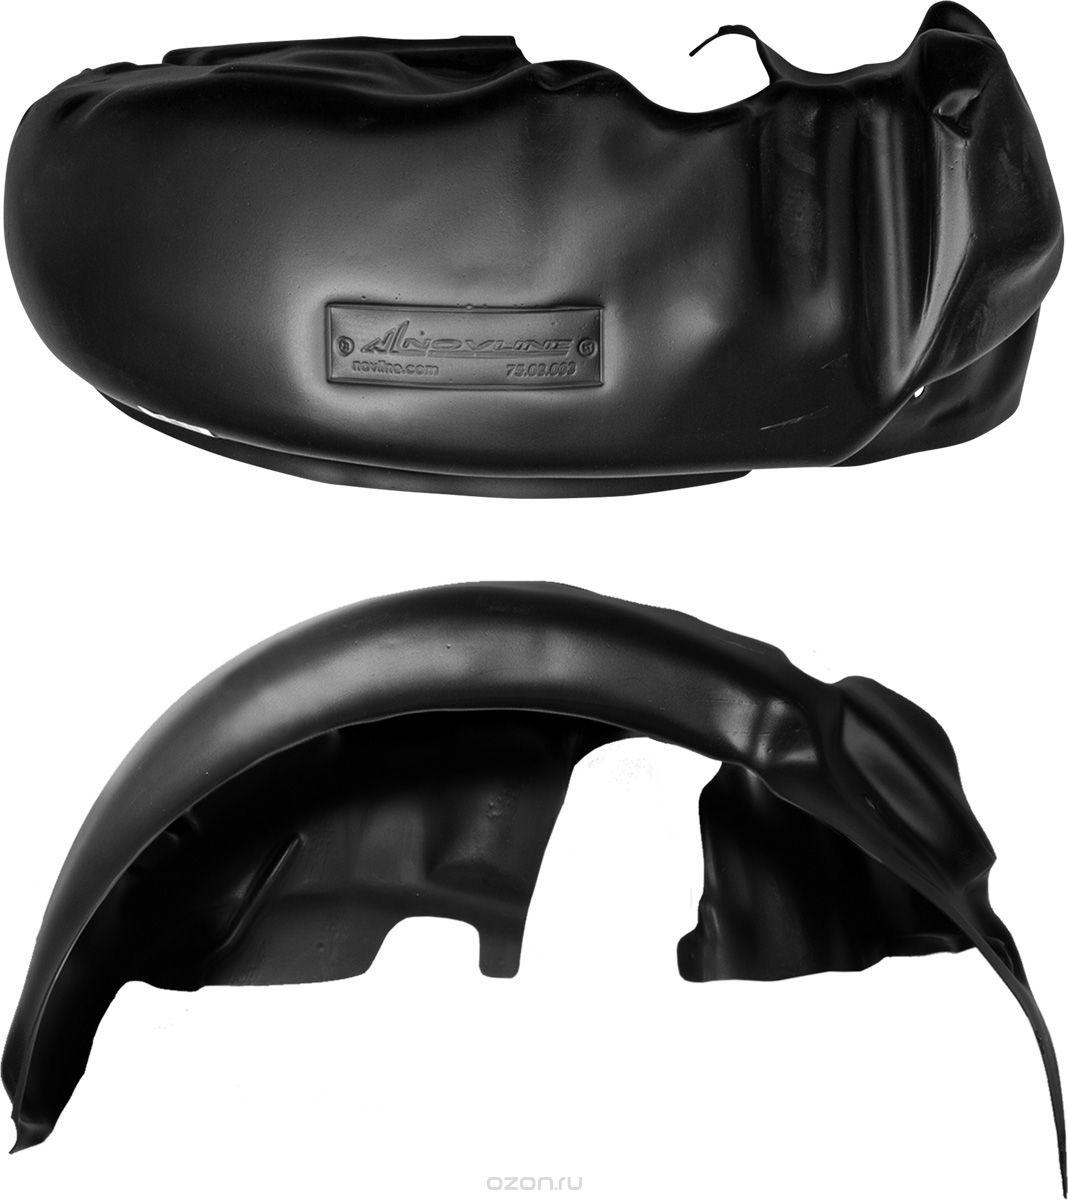 Подкрылок Novline-Autofamily, для Geely GC6, 2014->, передний левыйNLL.75.08.001Идеальная защита колесной ниши. Локеры разработаны с применением цифровых технологий, гарантируют максимальную повторяемость поверхности арки. Изделия устанавливаются без нарушения лакокрасочного покрытия автомобиля, каждый подкрылок комплектуется крепежом. Уважаемые клиенты, обращаем ваше внимание, что фотографии на подкрылки универсальные и не отражают реальную форму изделия. При этом само изделие идет точно под размер указанного автомобиля.